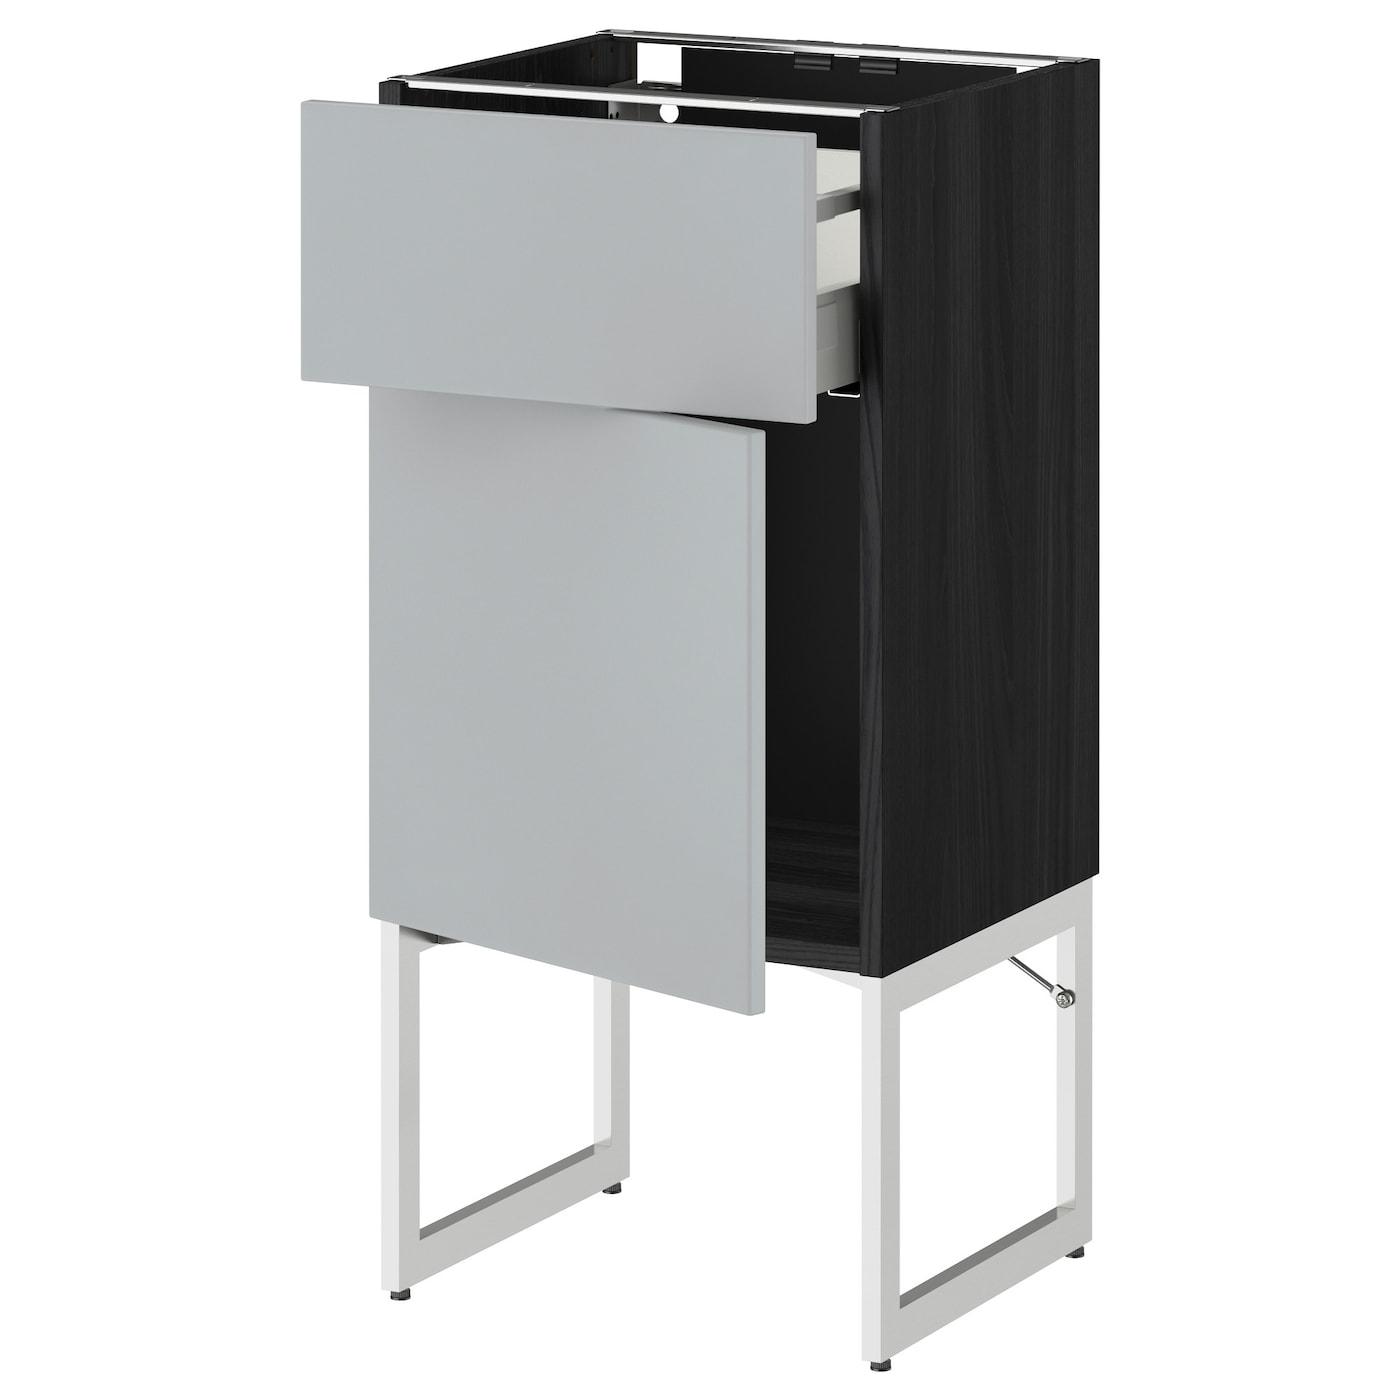 metod maximera base cabinet with drawer door black veddinge grey 40x37x60 cm ikea. Black Bedroom Furniture Sets. Home Design Ideas